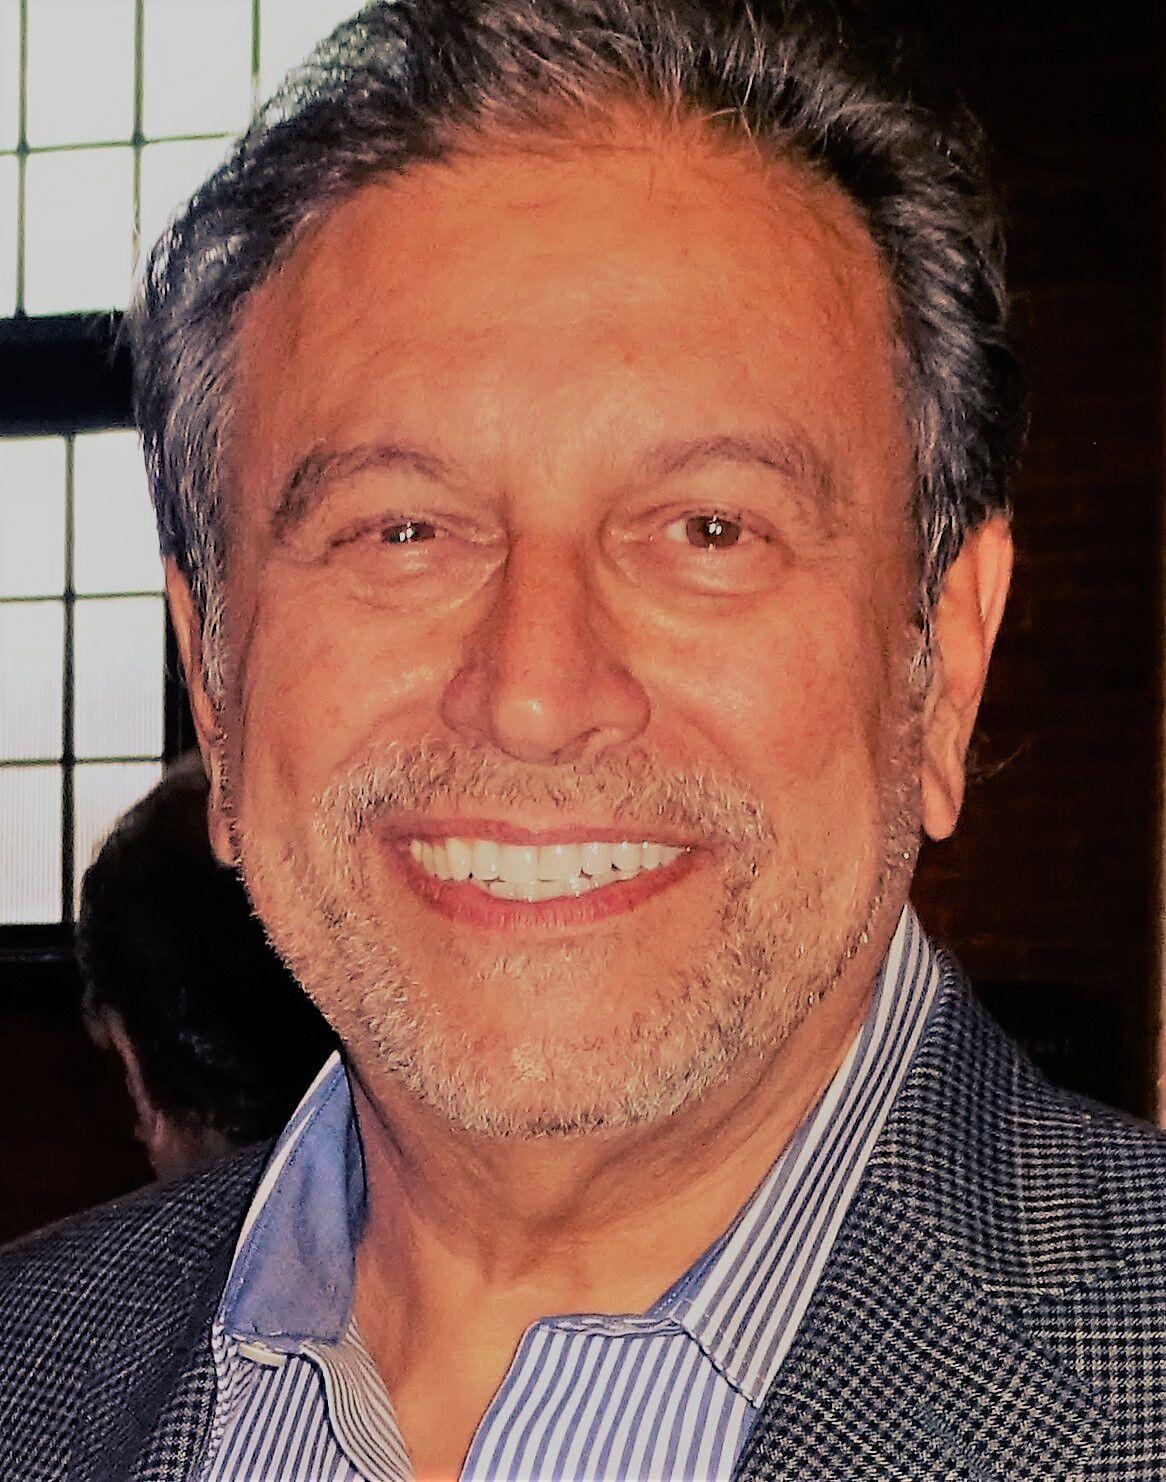 Harvey Wershbale headshot